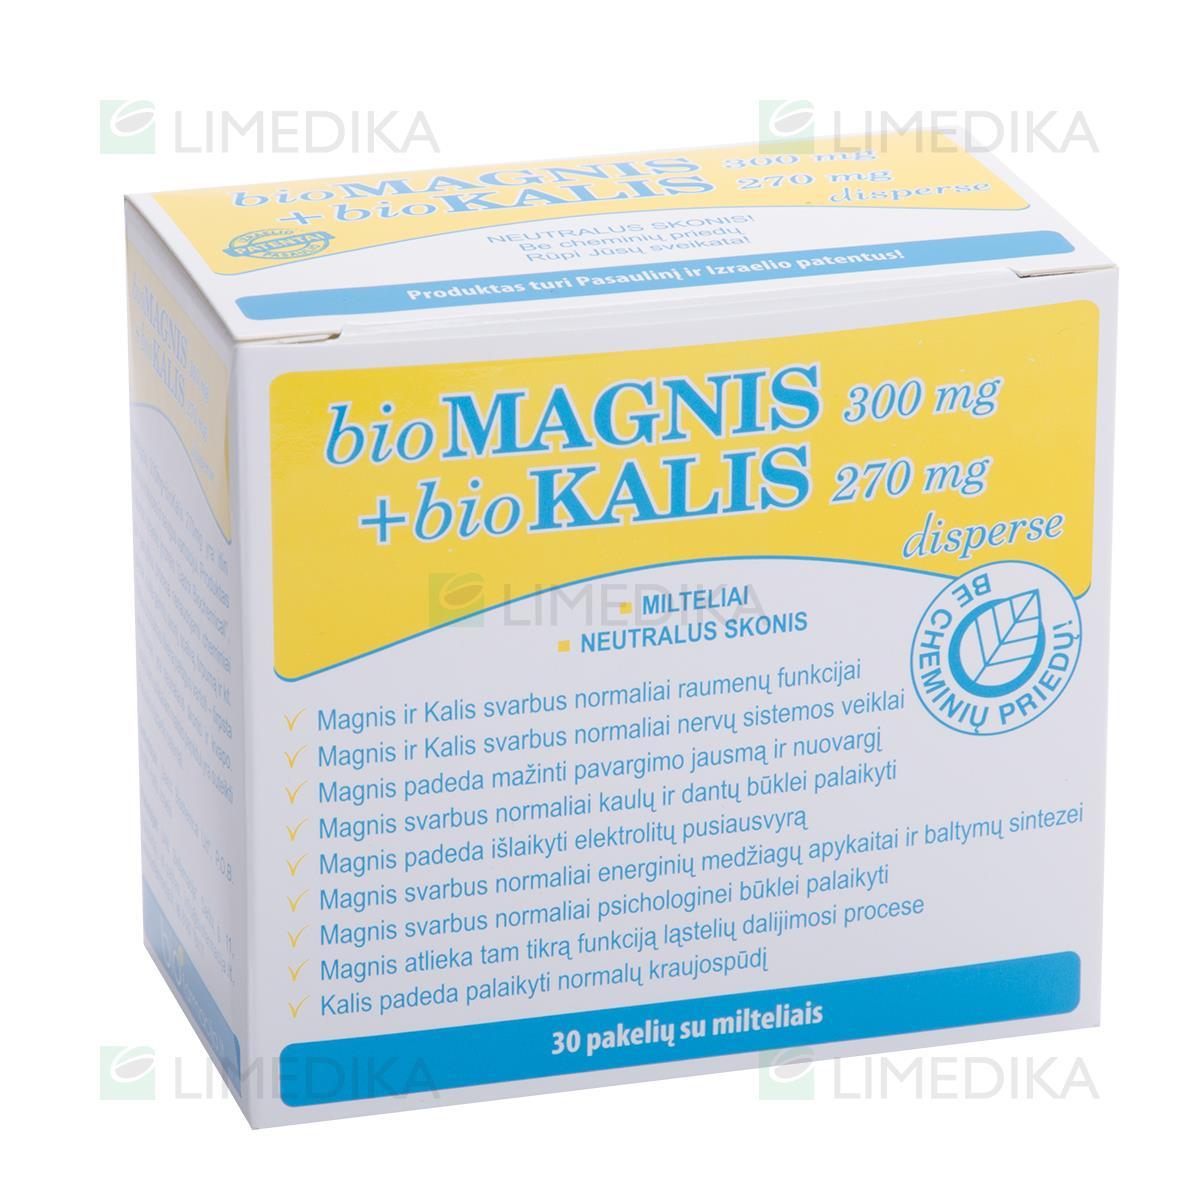 Kalis ir magnis užtikrina geresnę arterinės hipertenzijos kontrolę | mul.lt